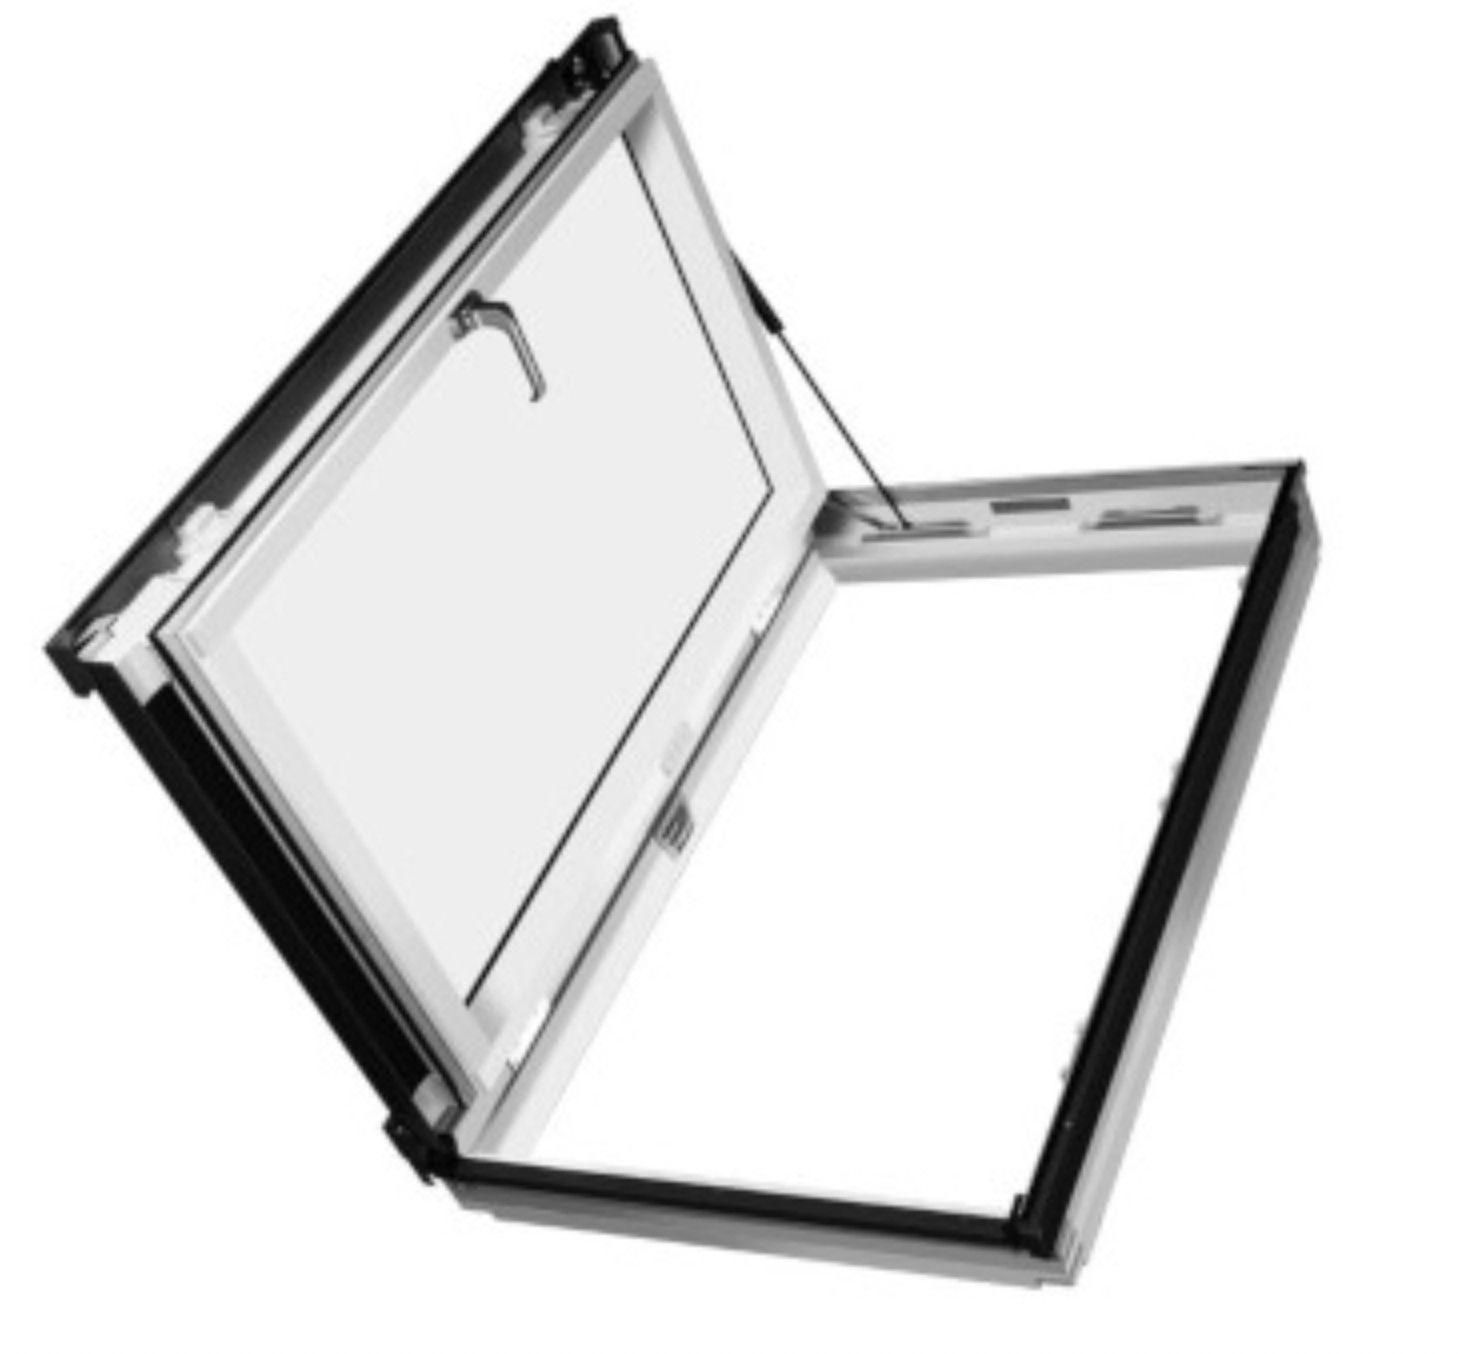 Okno wyłazowe dachowe FWU U5 Fakro termoizolacyjne